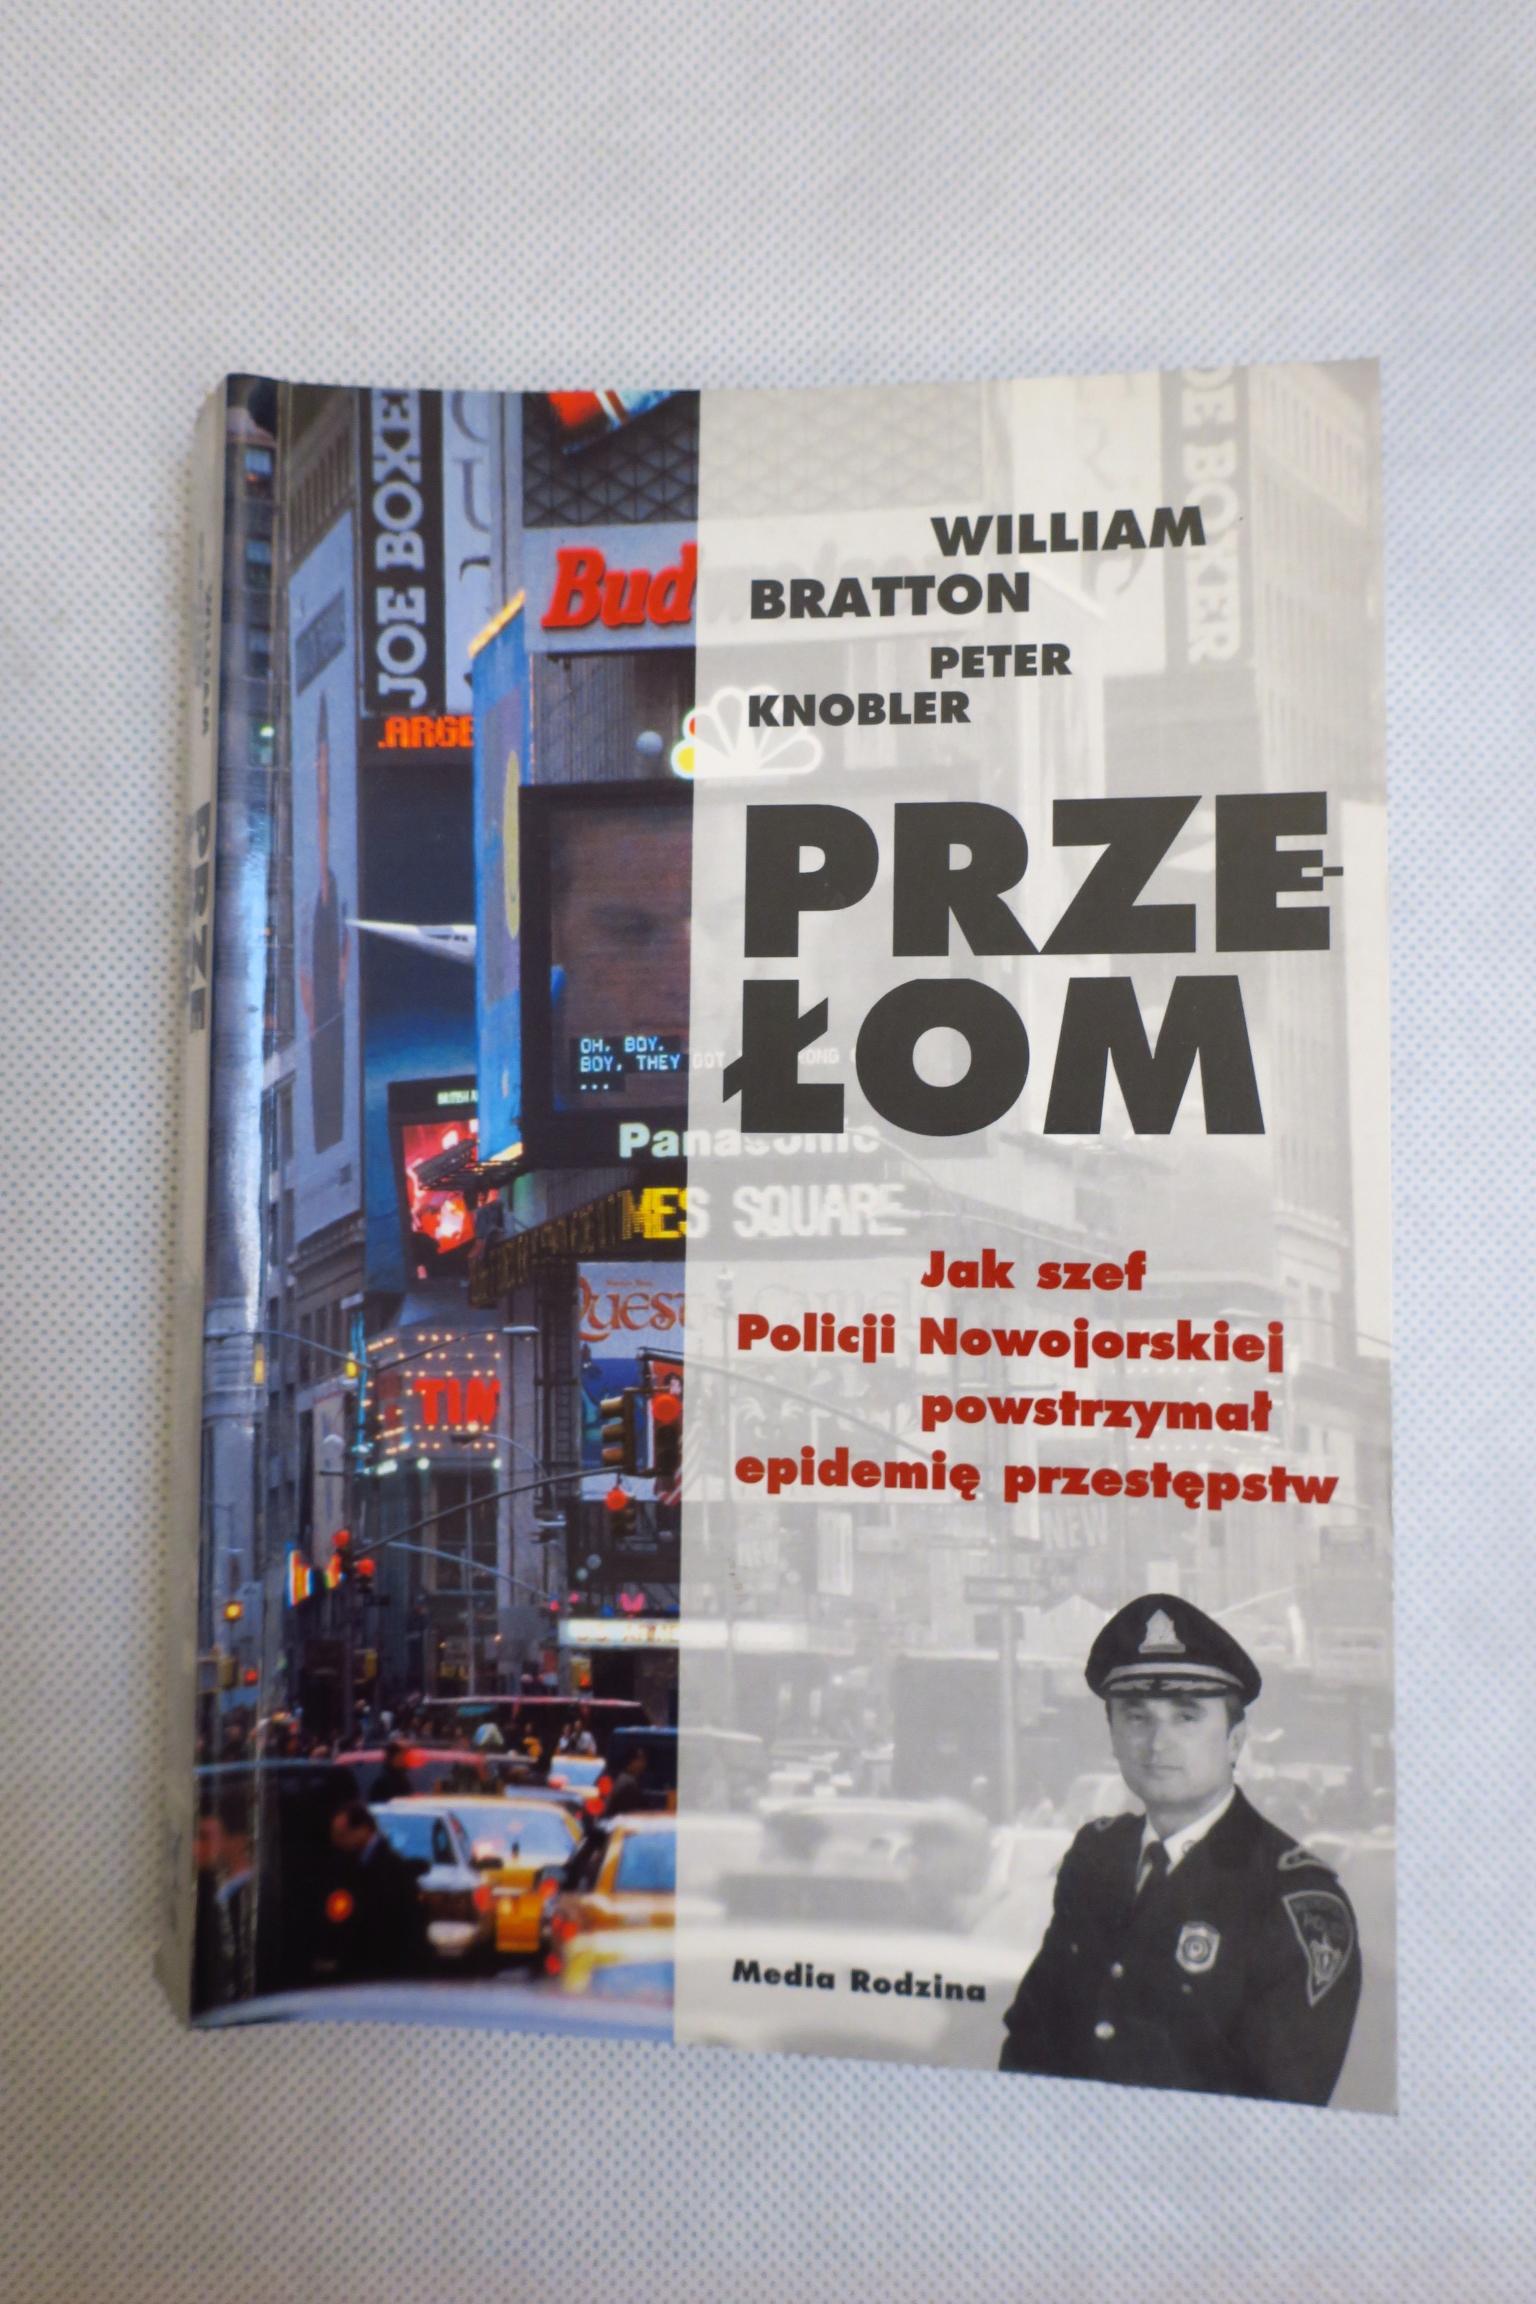 PRZEŁOM BRATTON KNOBLER WILLIAM POLICJA NOWY YORK